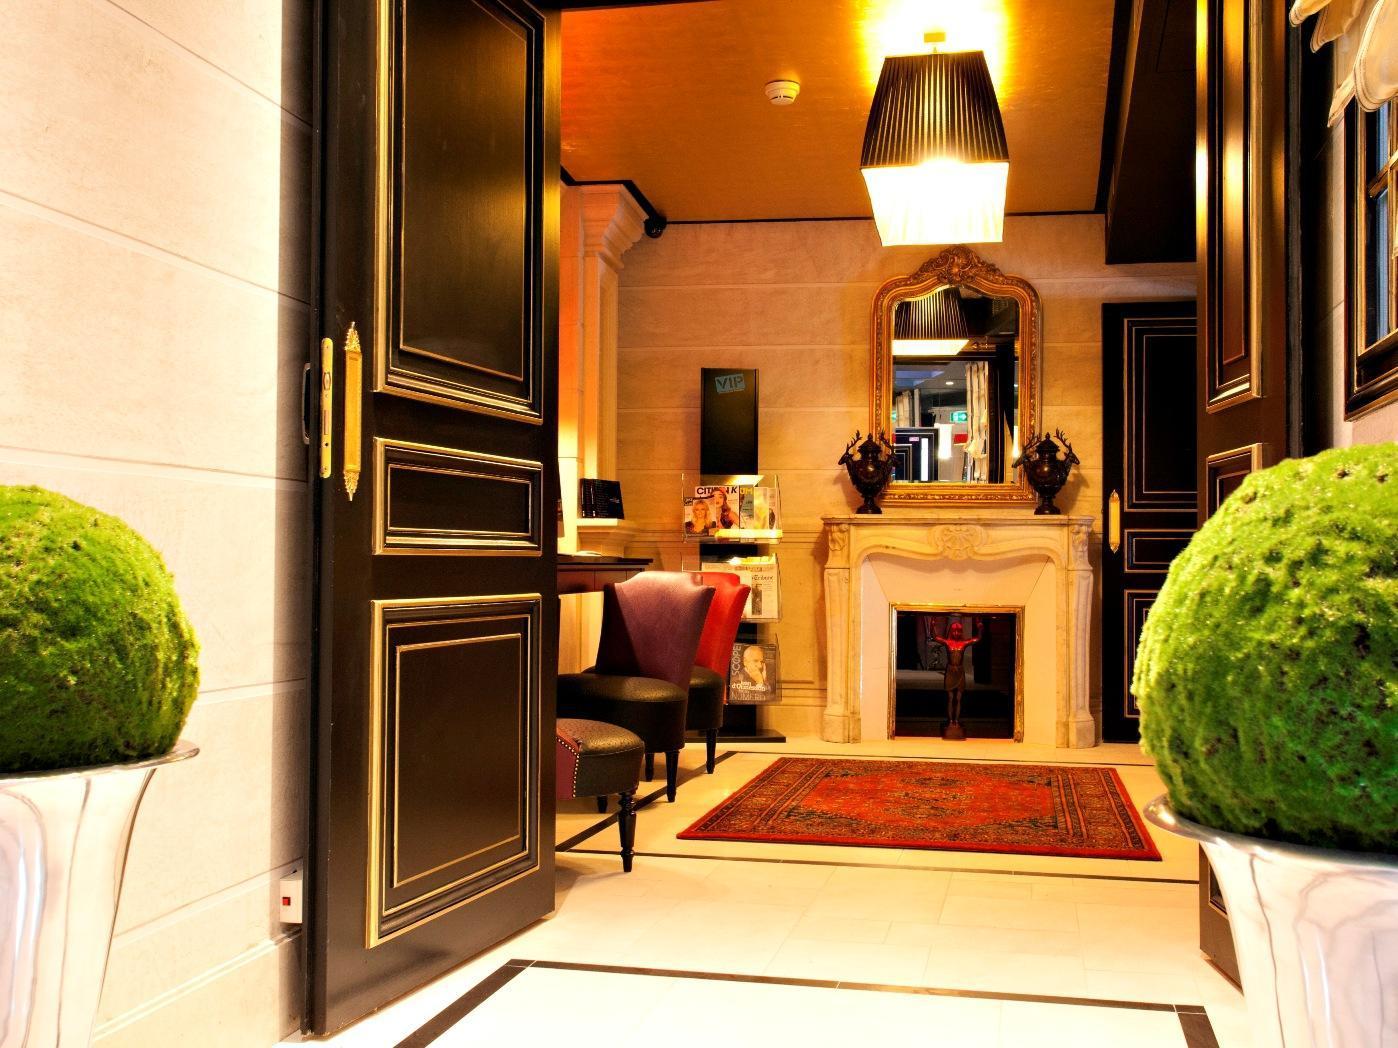 Maison Albar Hotels Le Champs Elys�es